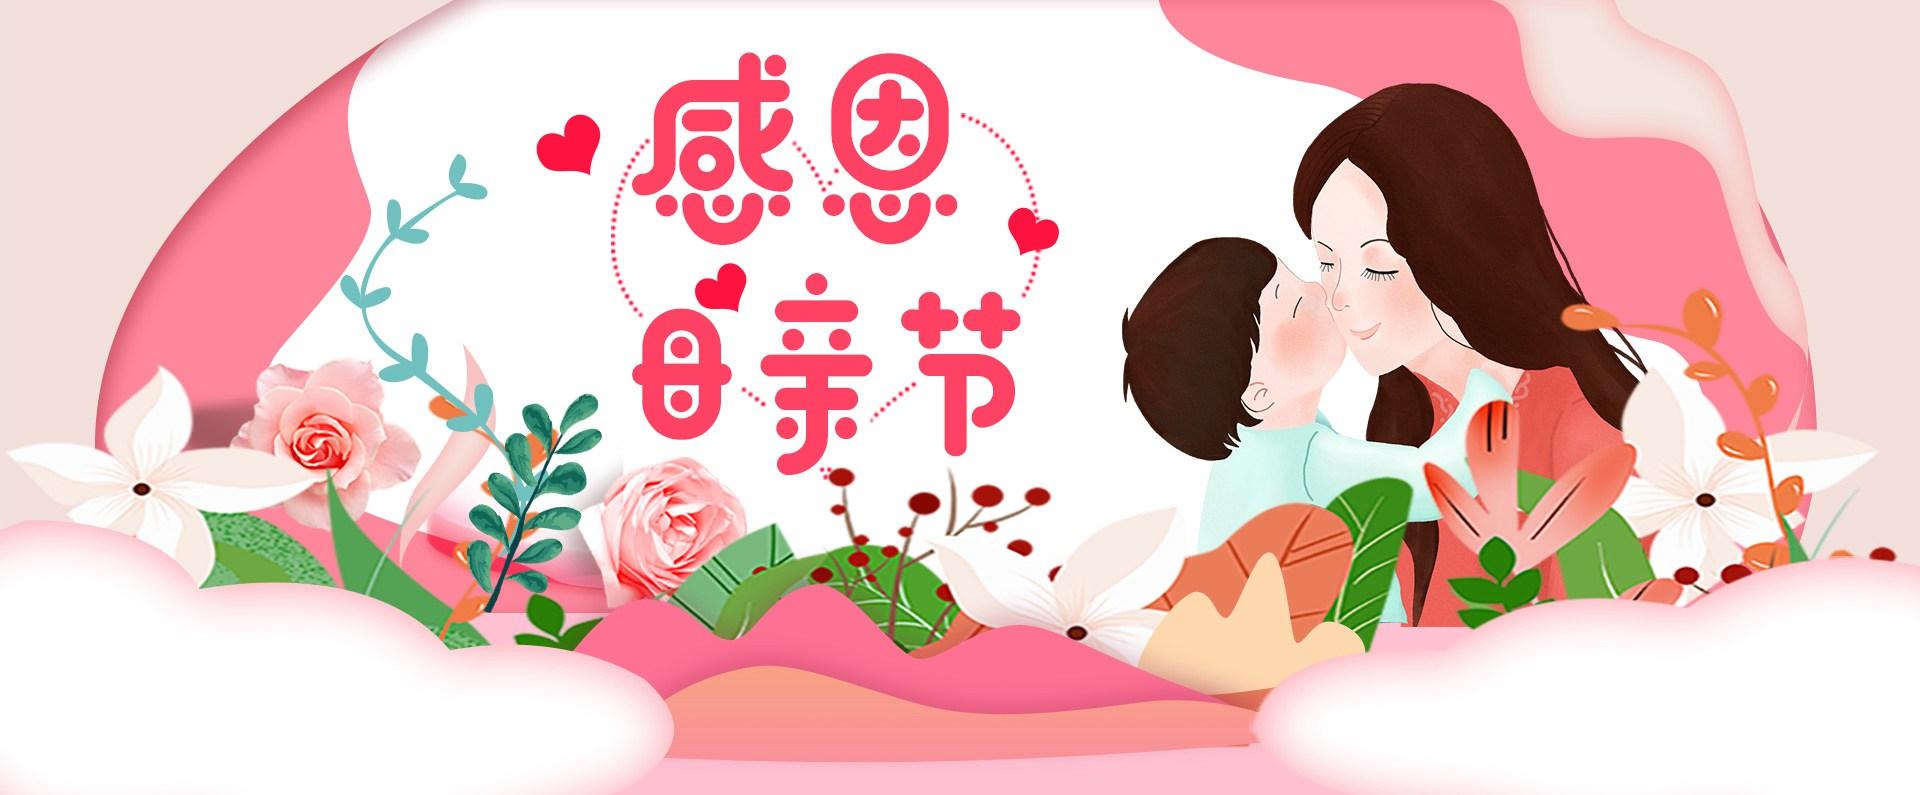 北京装修活动爱在母亲节∣趁她还未老,趁时光还在,多爱一点!